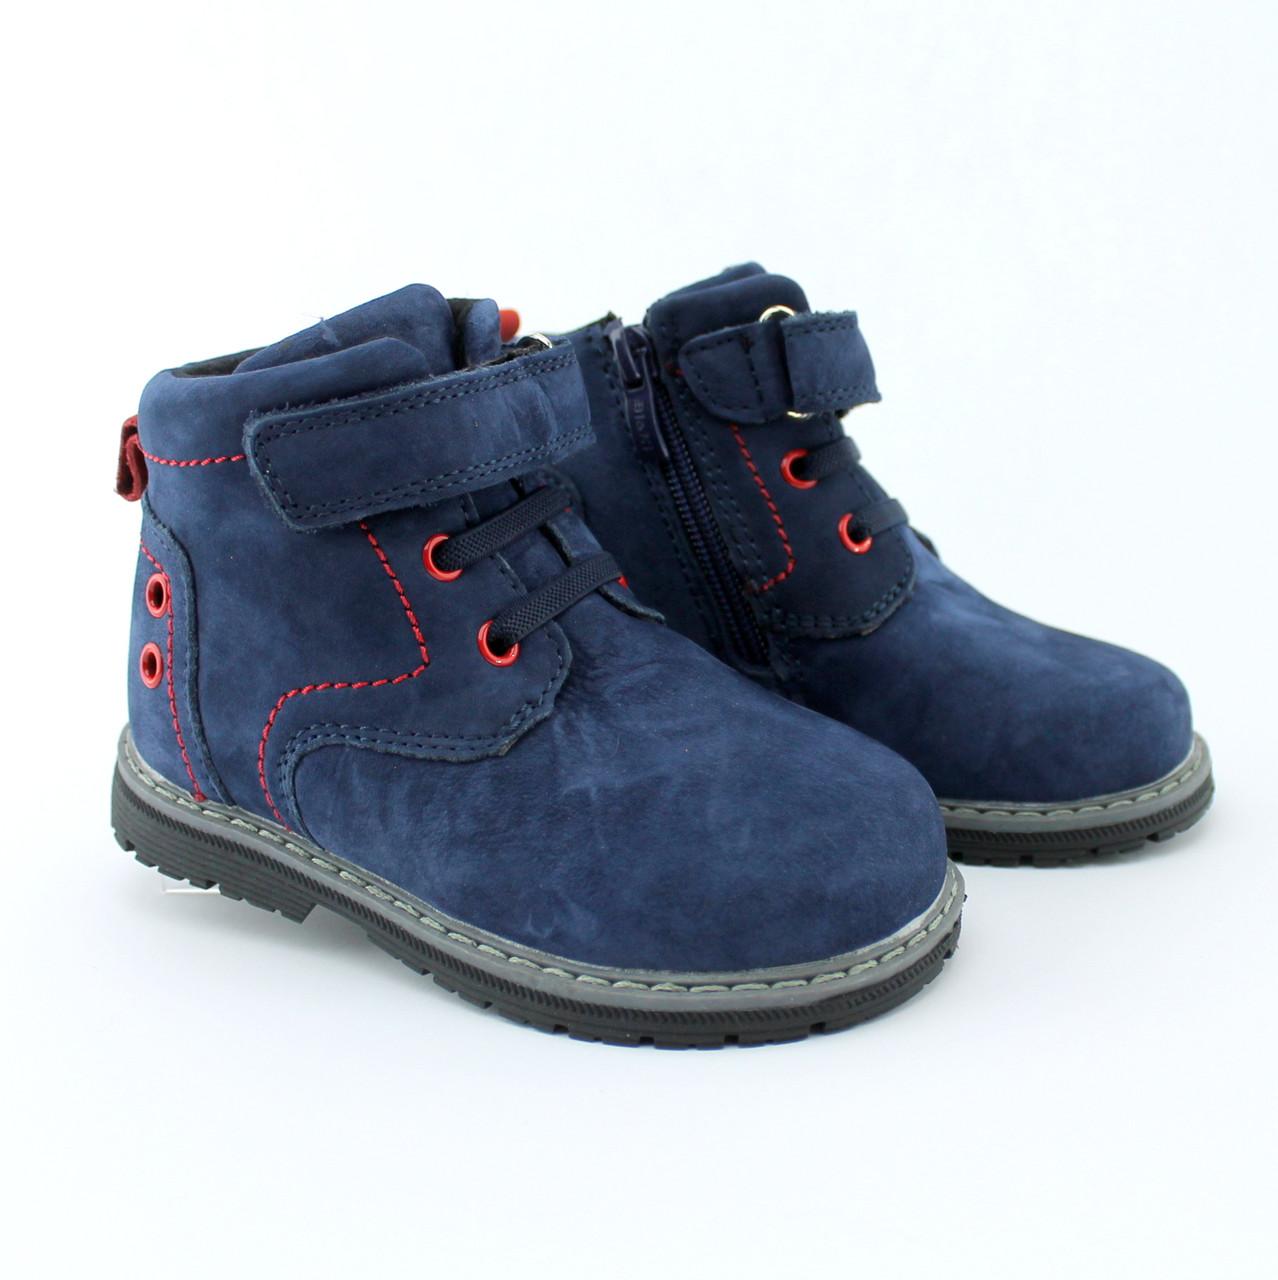 d5fa5b92a Купить Детские ботинки на мальчика тм Том.м размер 21,22,25 в Киеве ...